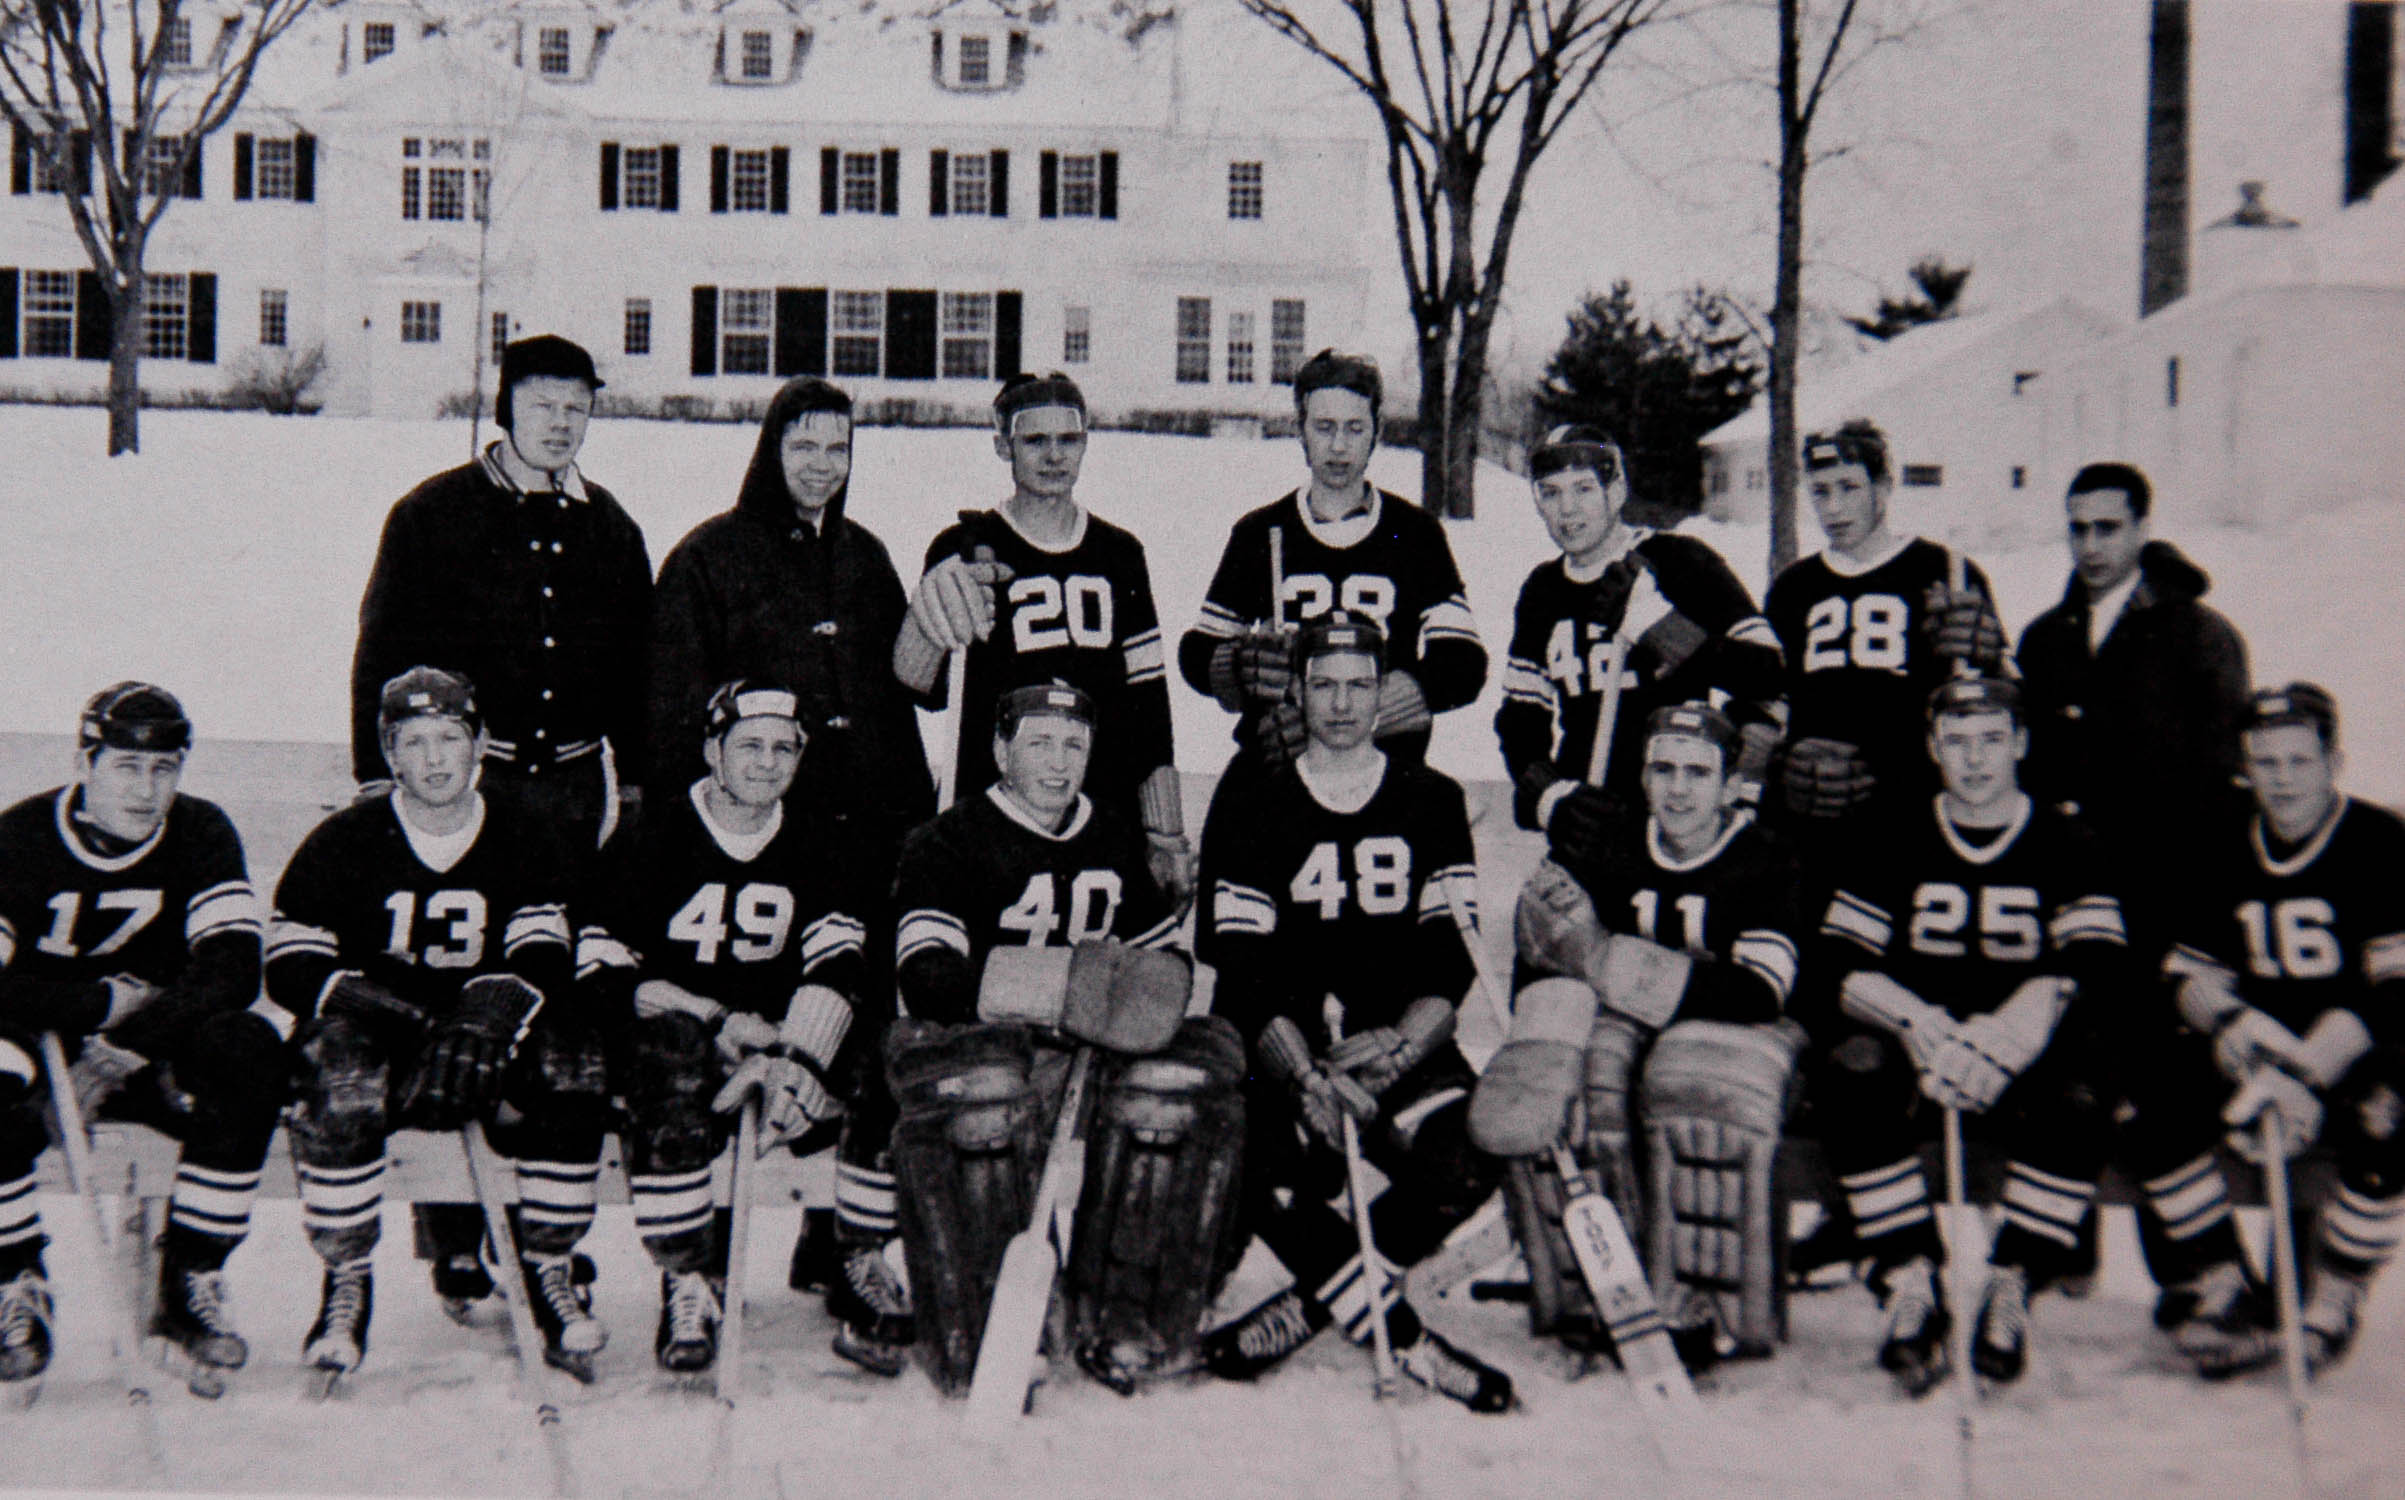 Spence Hockey